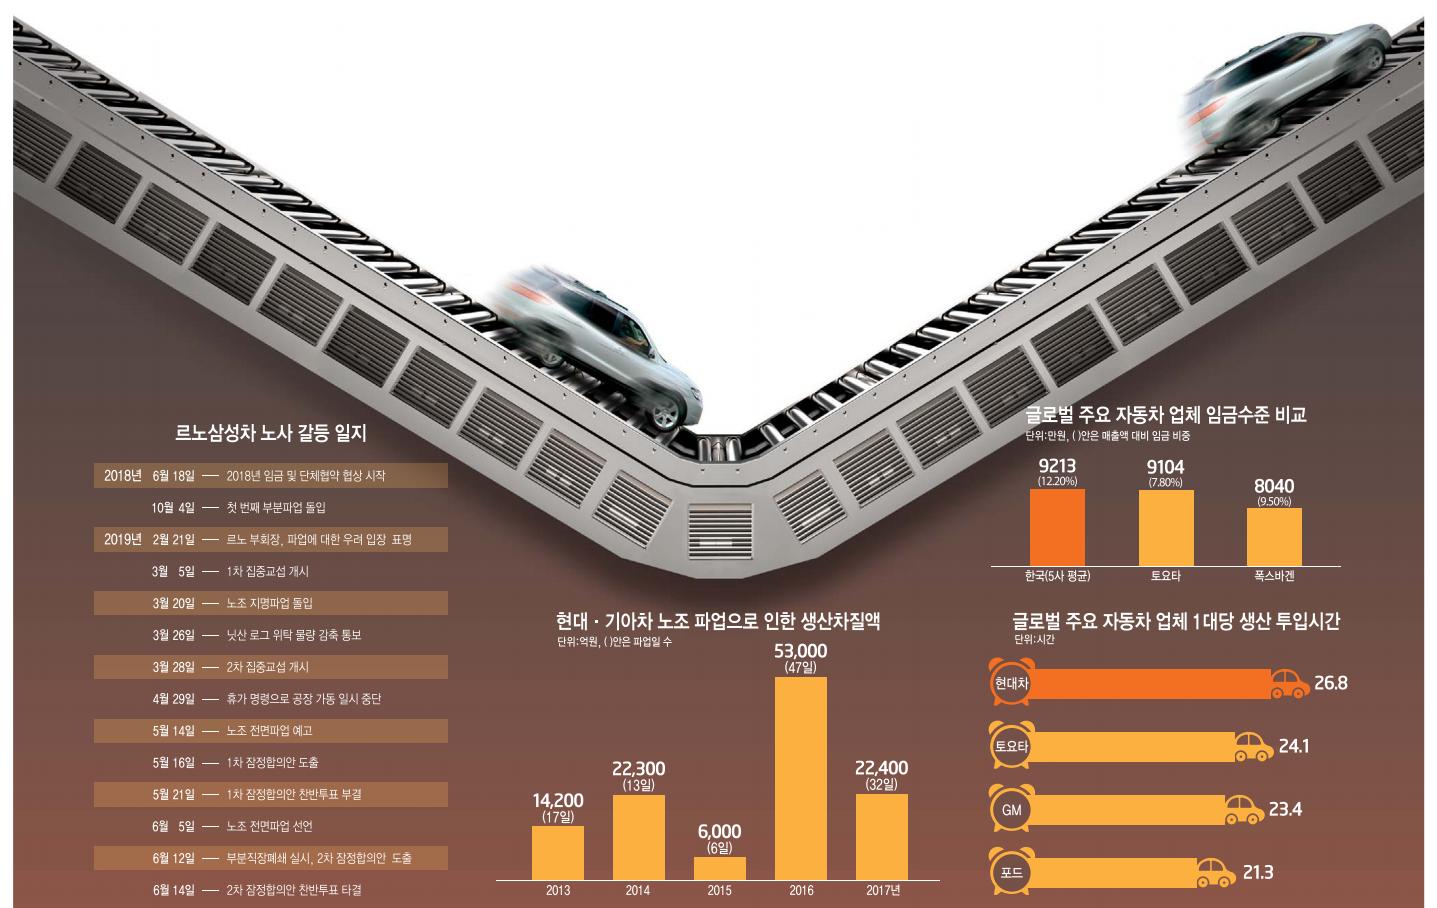 [이슈분석]벼랑 끝 한국 車 산업…올해도 '하투' 분위기 고조